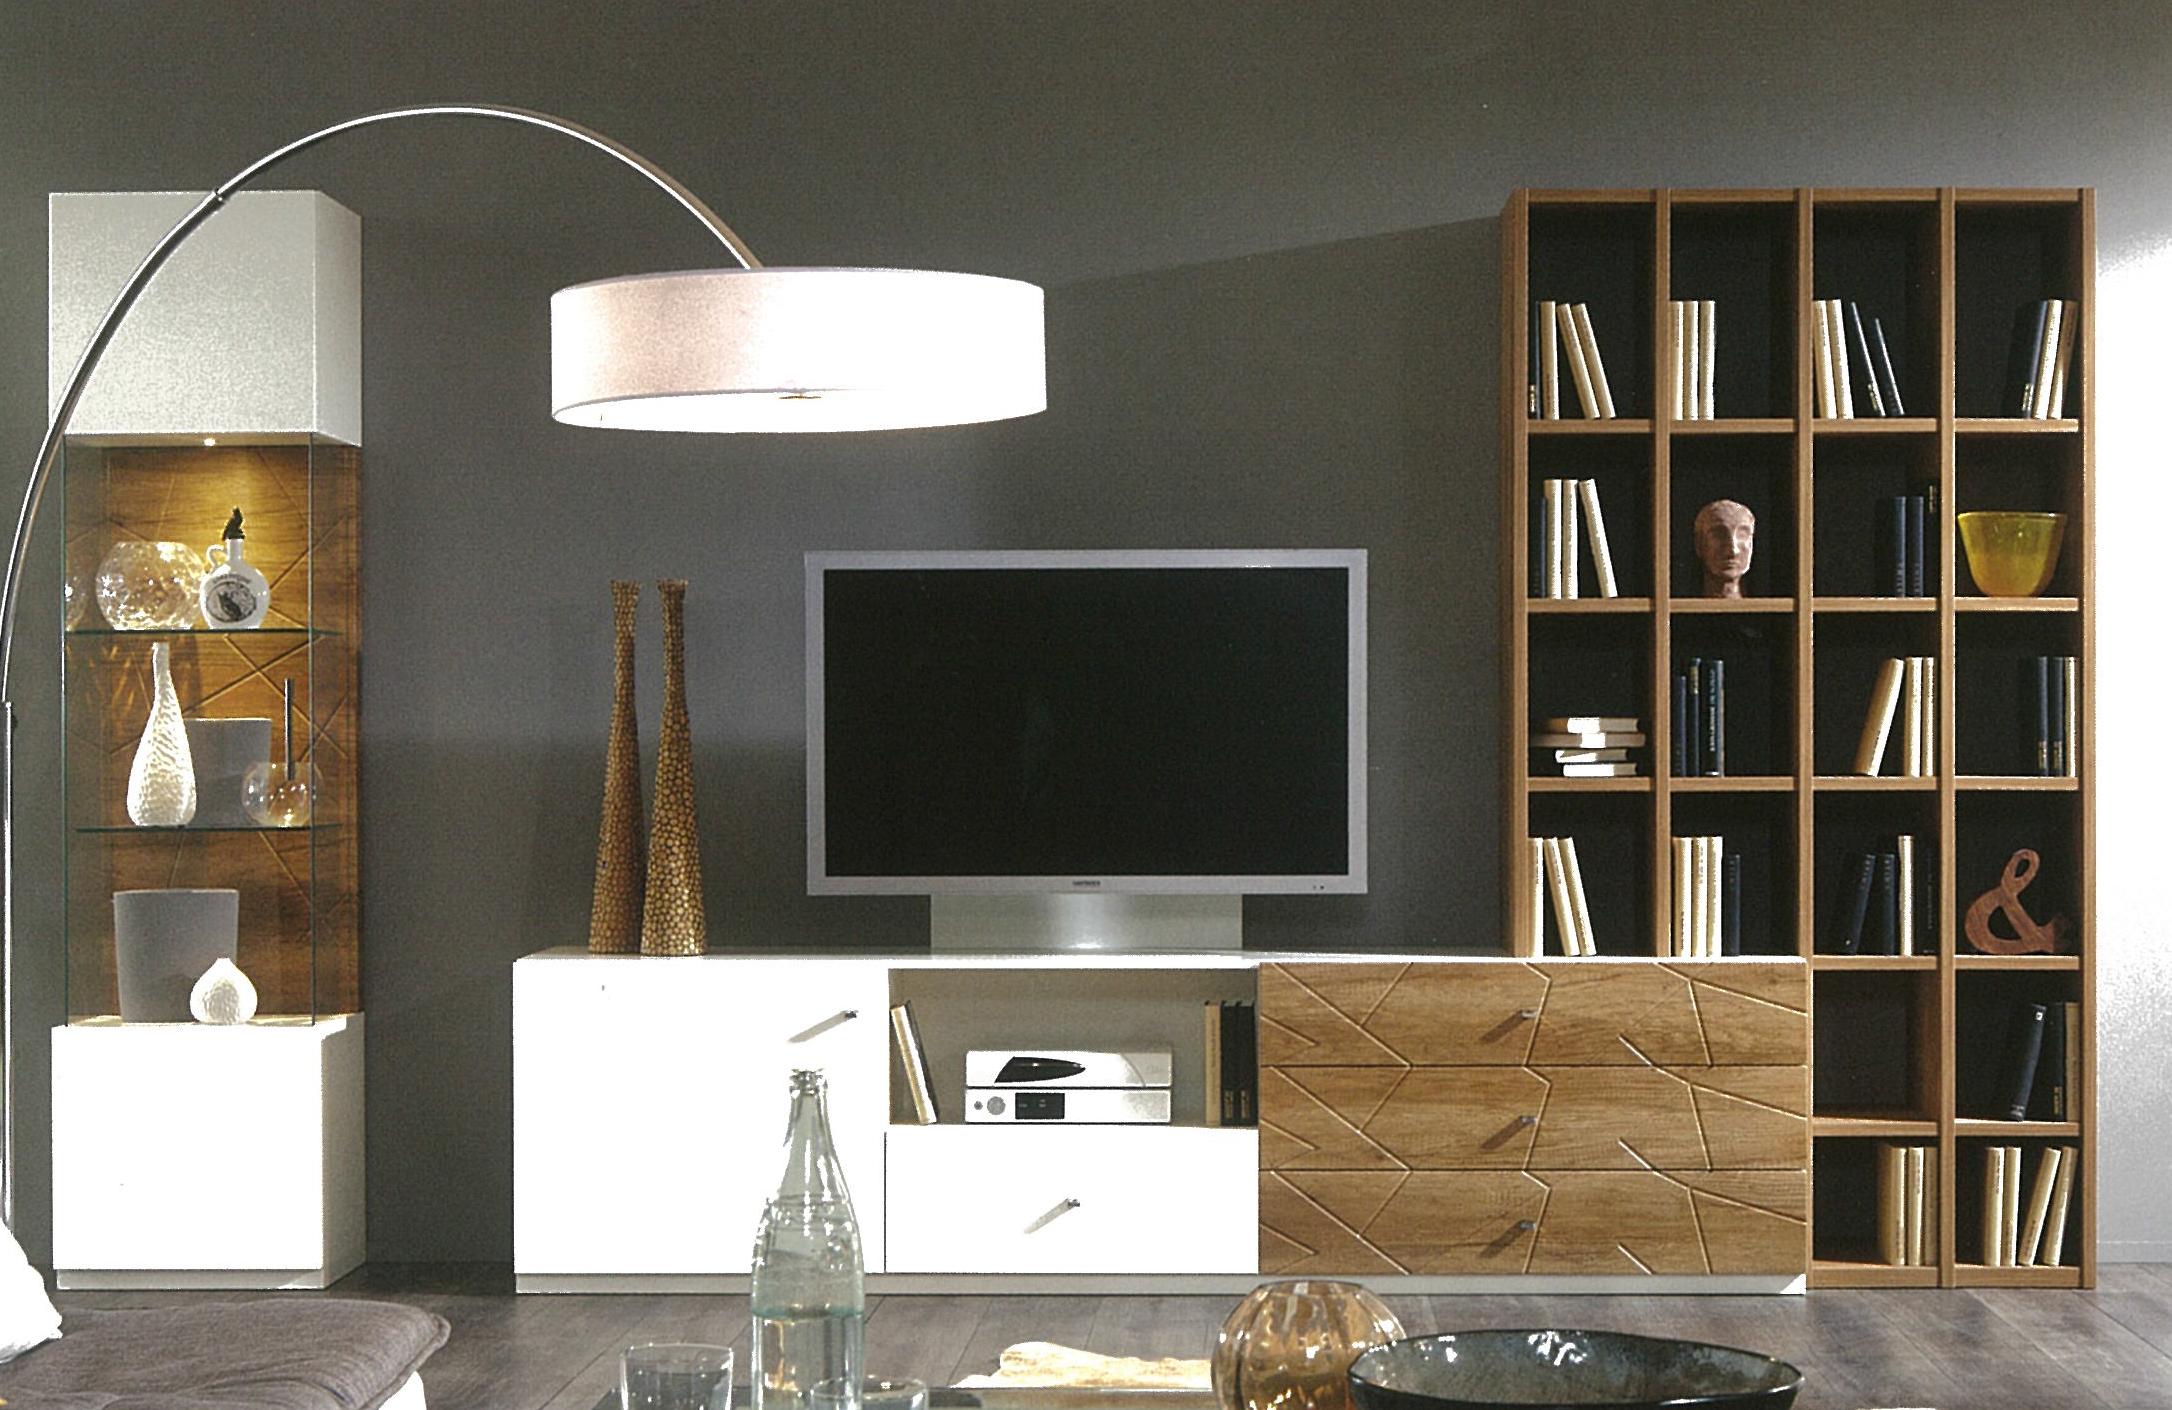 ausstellungsst ck abverkauf aus ausstellung prenneis x markt einsiedler massivm bel. Black Bedroom Furniture Sets. Home Design Ideas